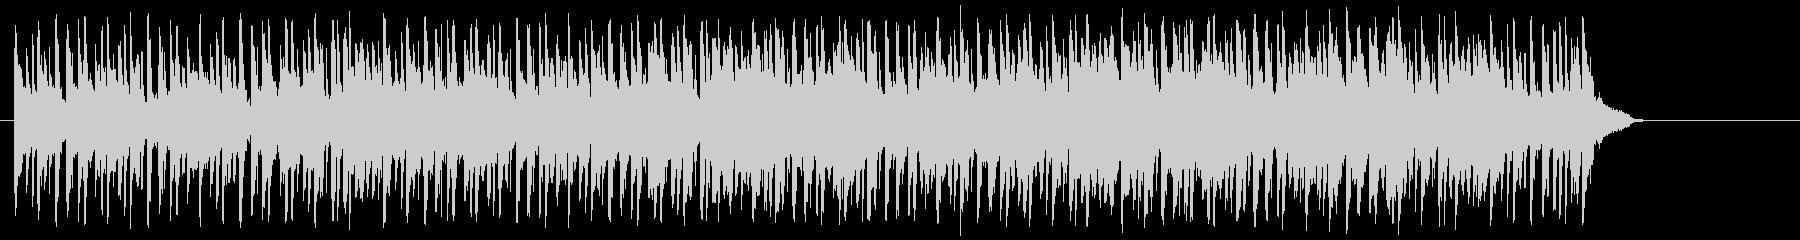 大人のポップ/ボサノバ(Aメロ~サビ)の未再生の波形